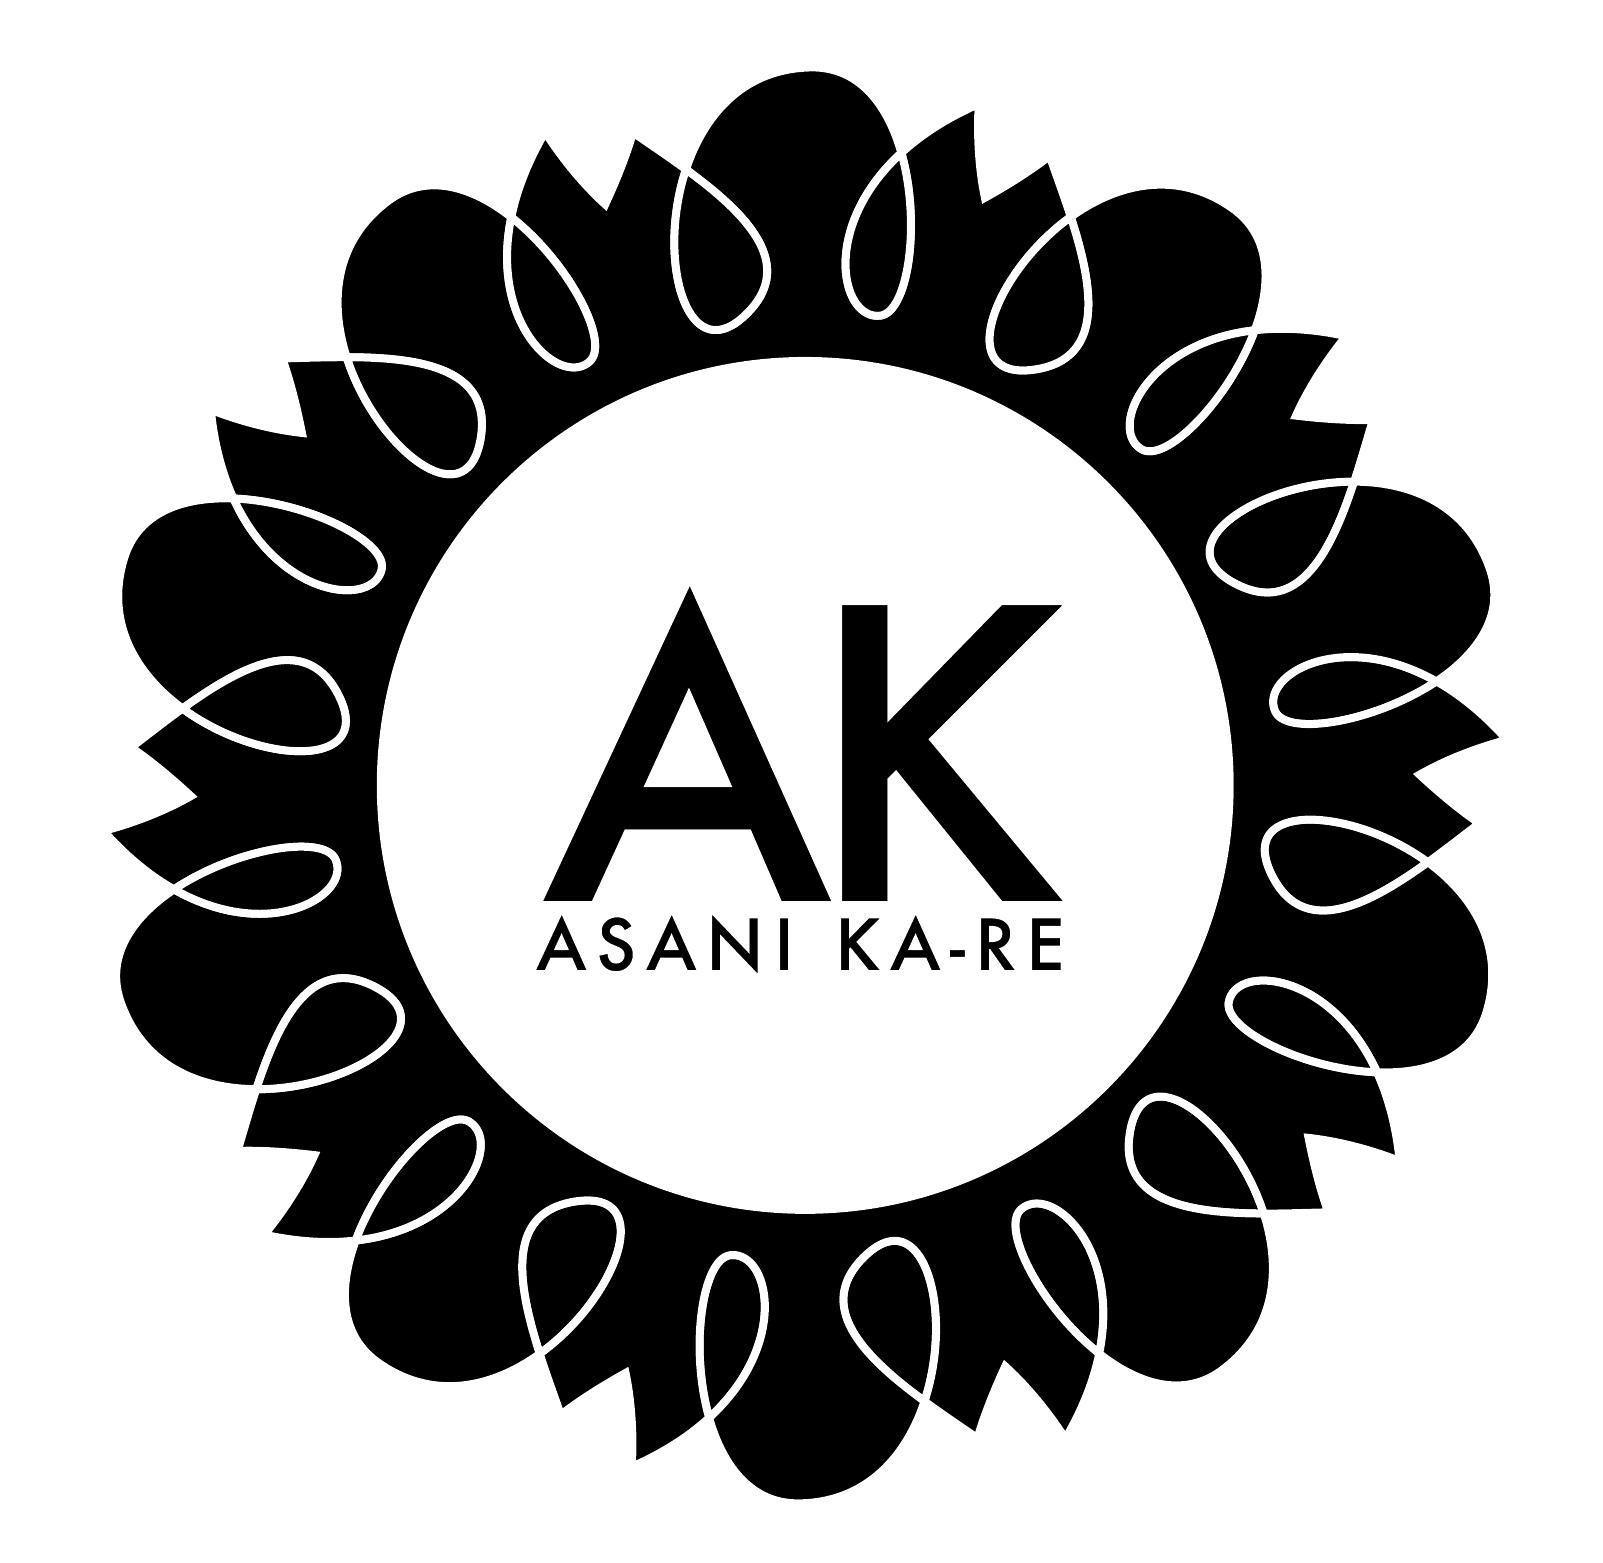 asani ka're_logo_BW-05